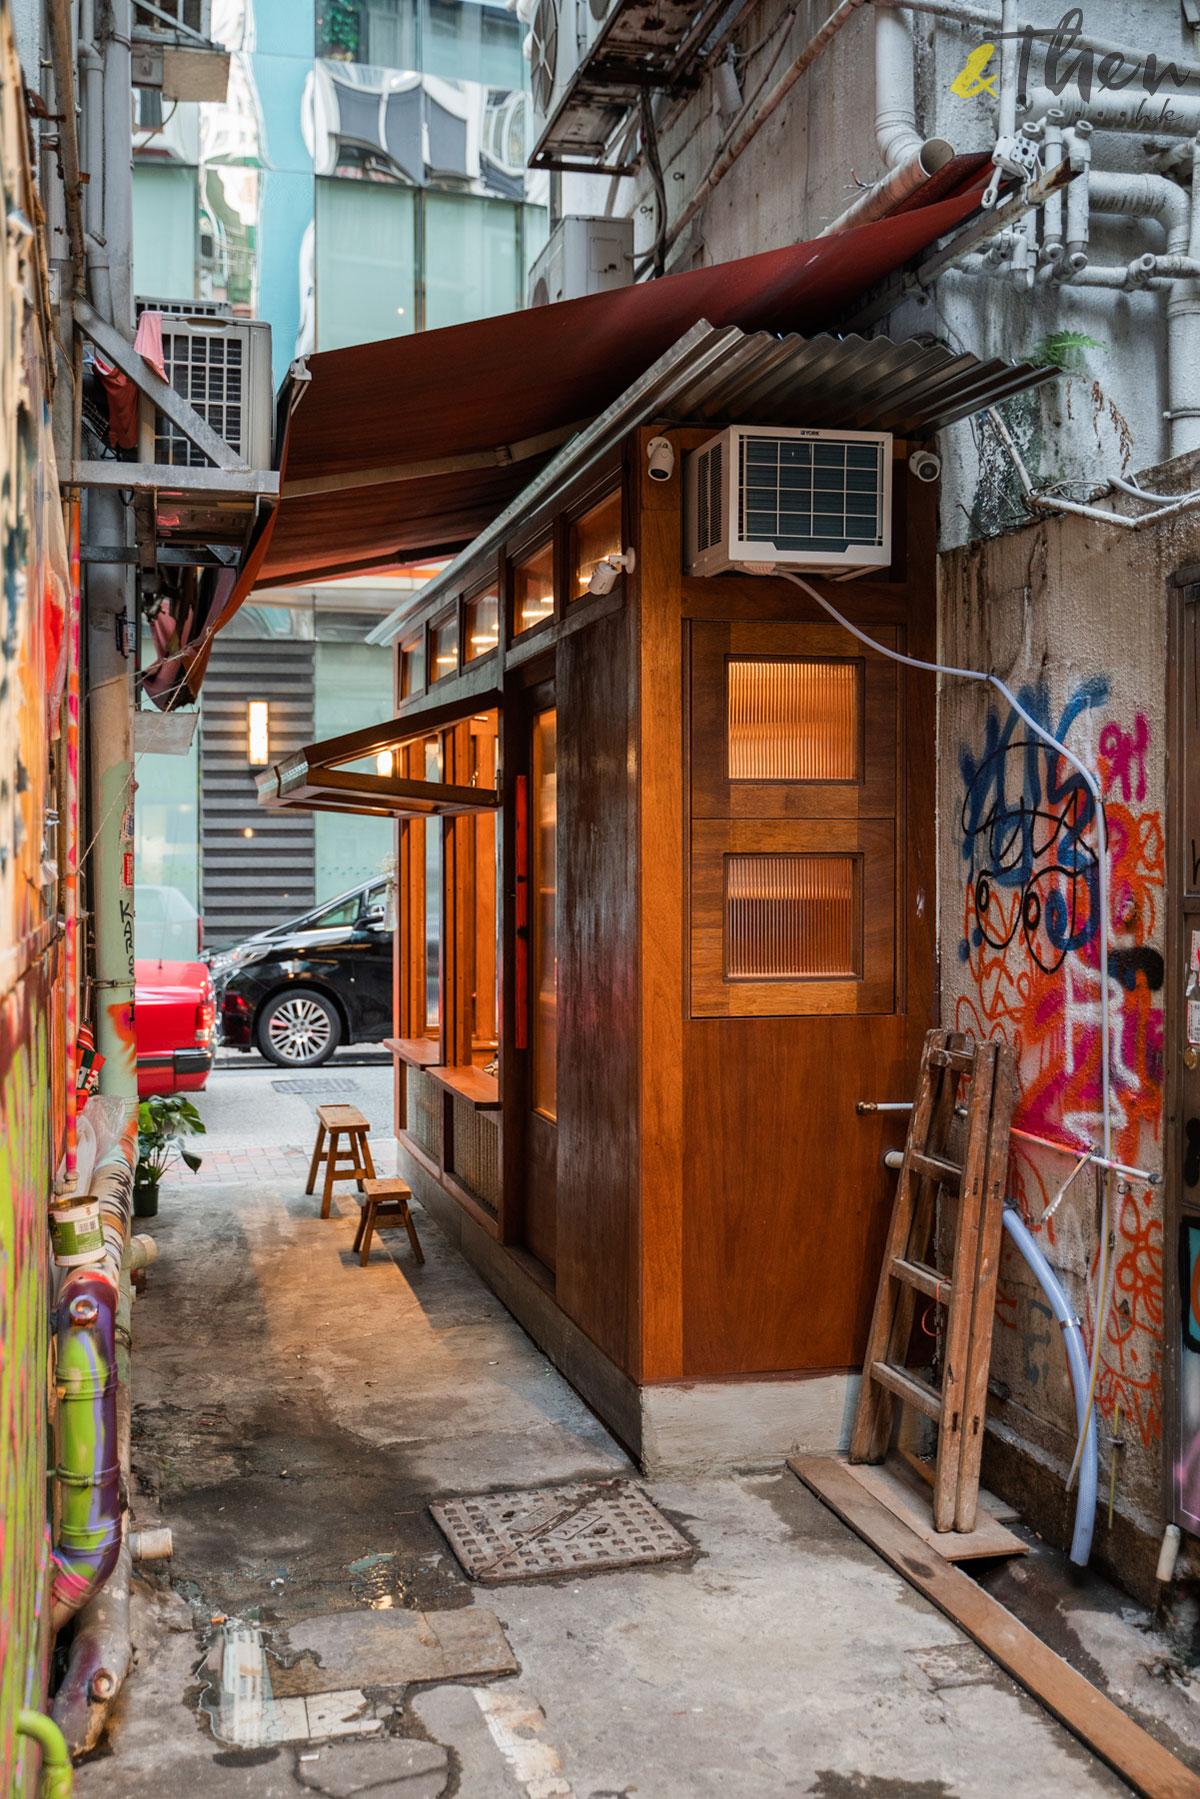 巷仔舖 巷口舖 選物店 窗後巷 銅鑼灣 霎西街 本土品牌 後巷